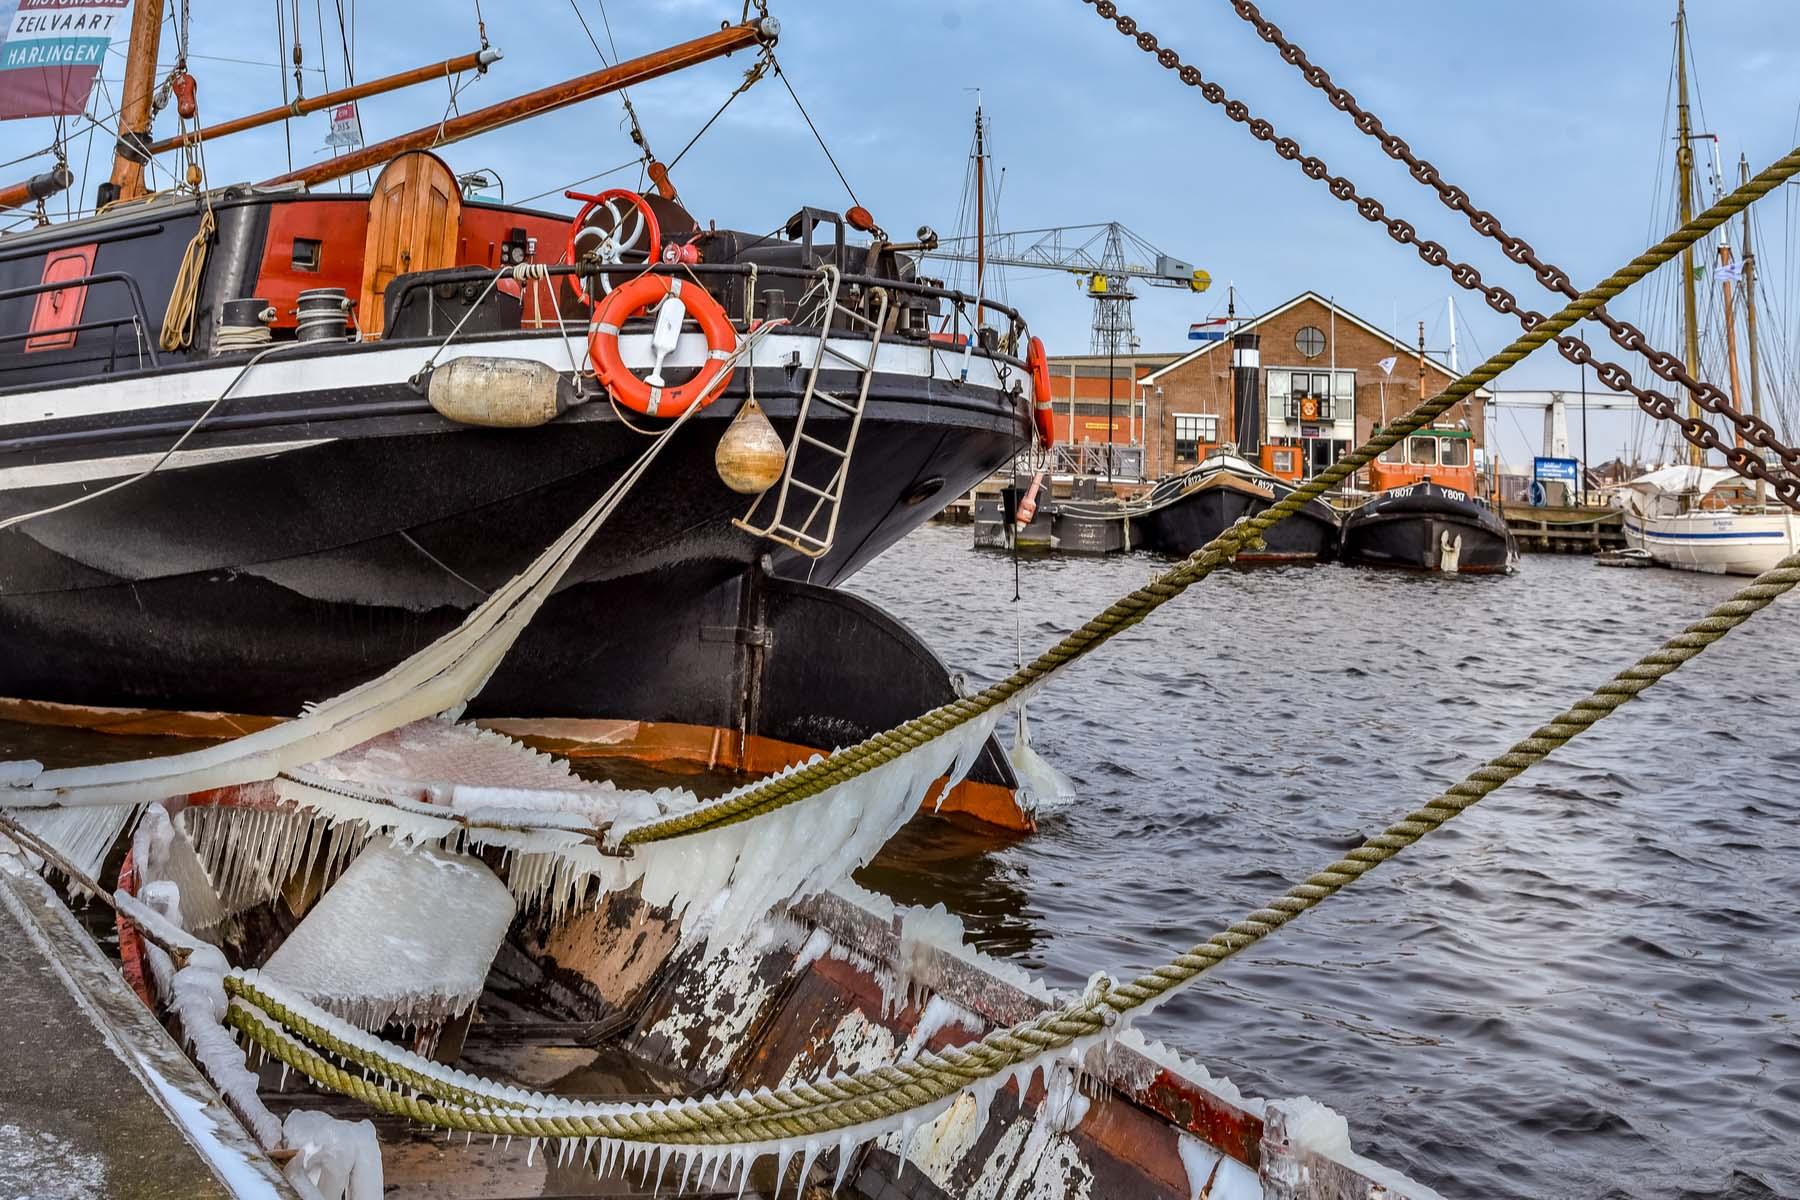 Den Helder port - relocations to Netherlands